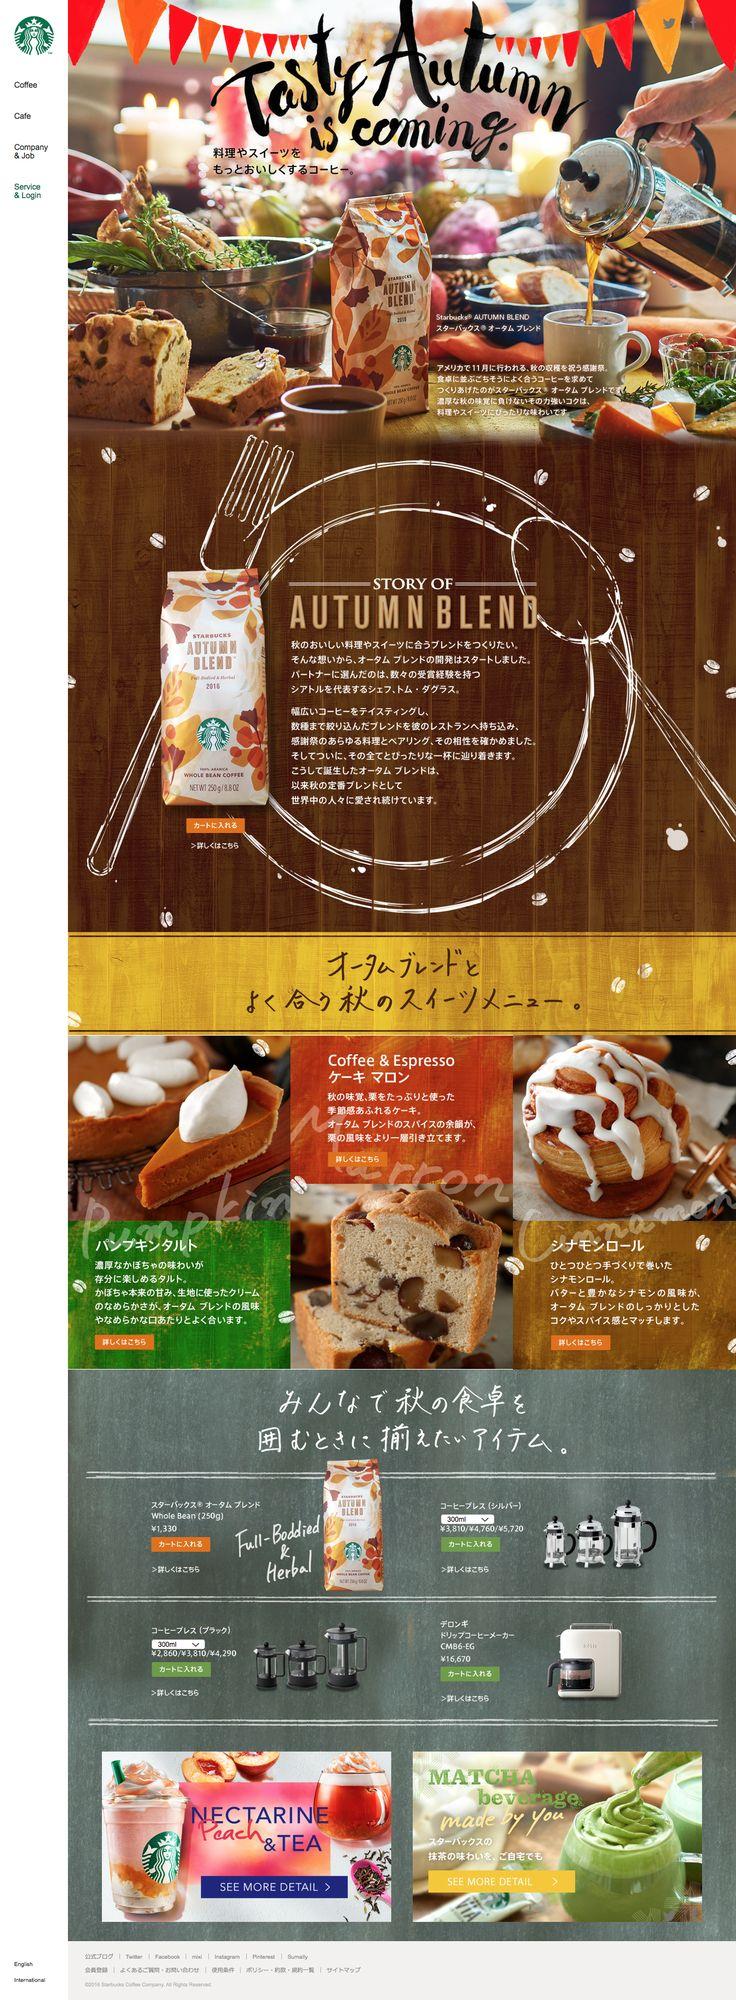 [季節のコーヒー] Tasty Autumn is coming. スターバックス® オータム ブレンド スターバックス コーヒー ジャパン